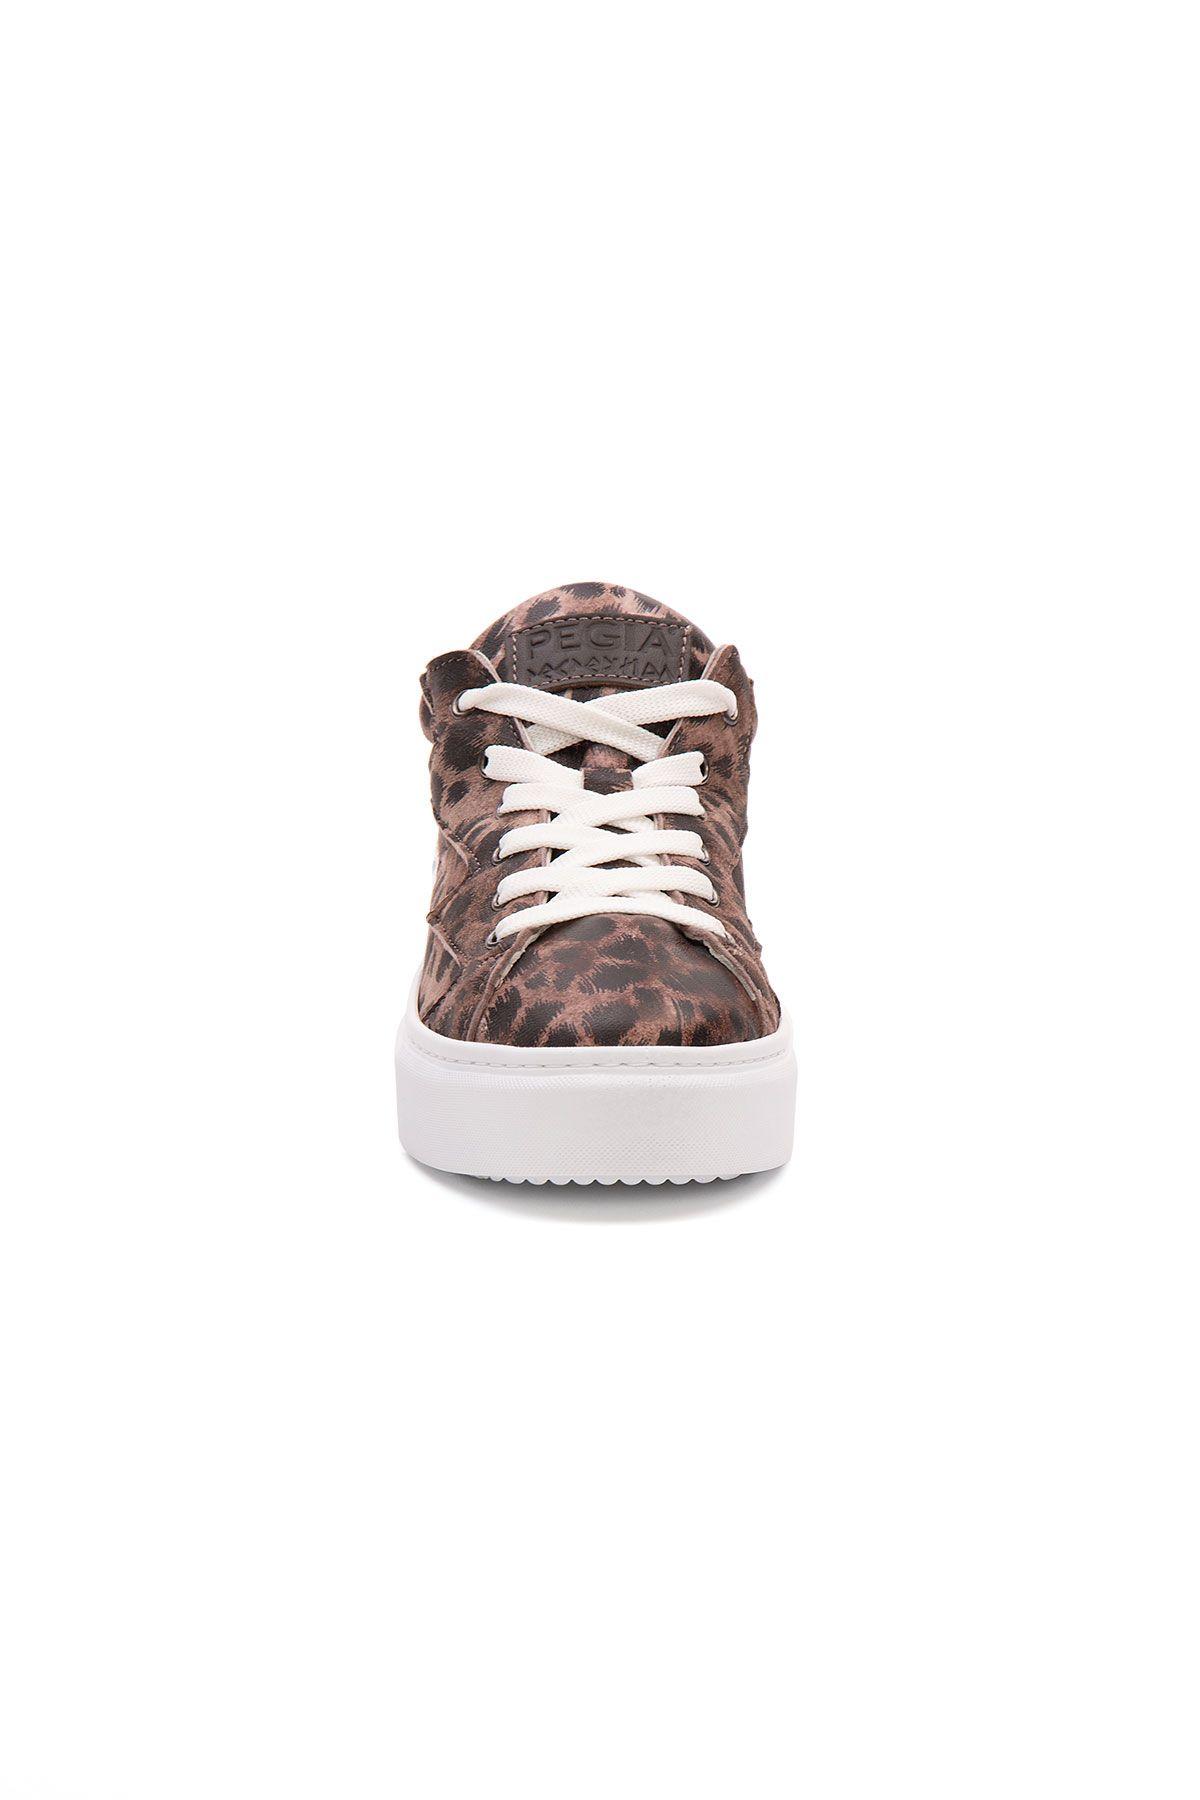 Pegia Genuine Leather Women's Sneaker LA1525 Brown